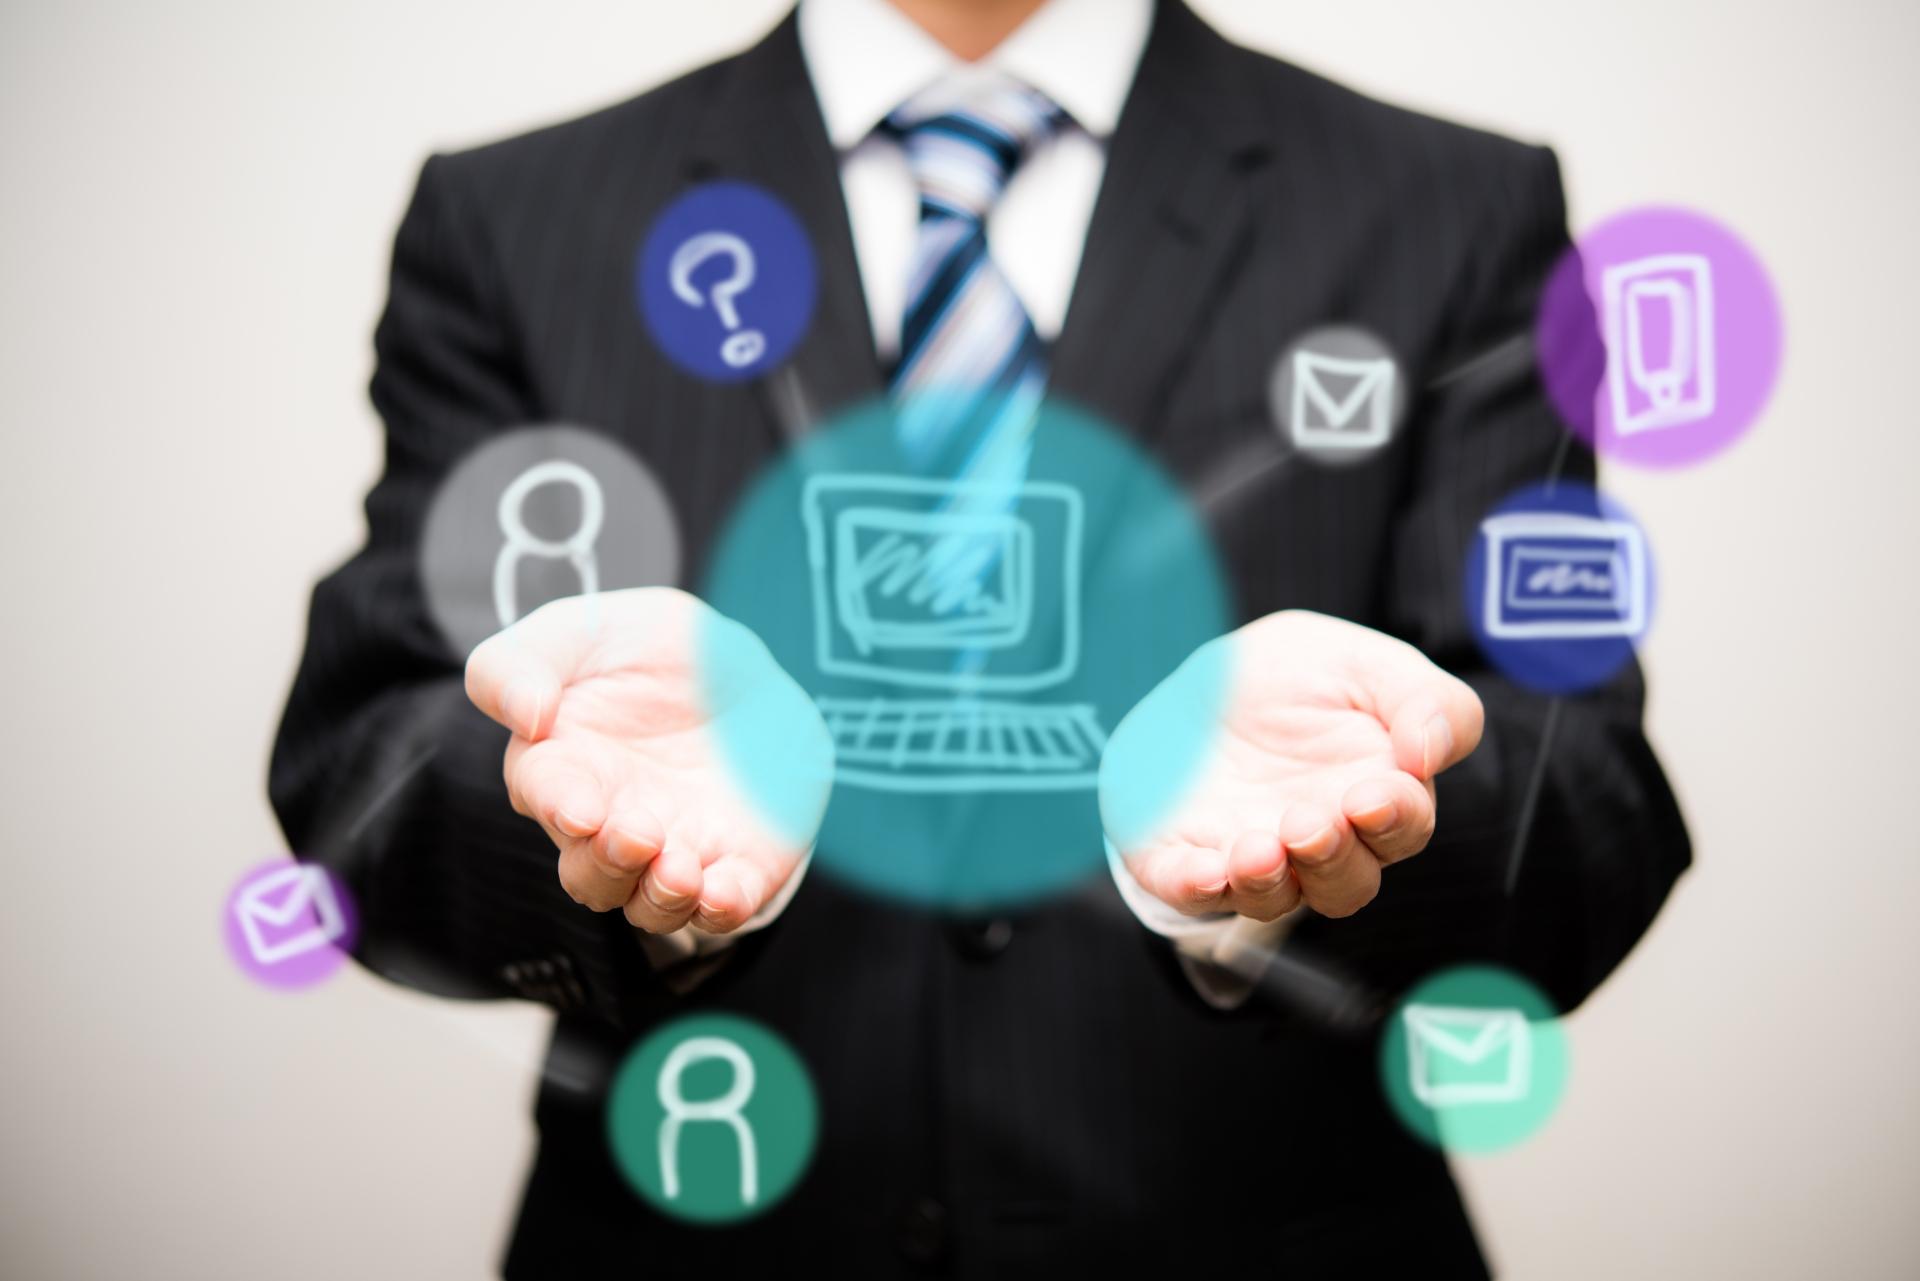 ビジネスチャットを導入するその意味と効果とは? メリット・デメリット解説